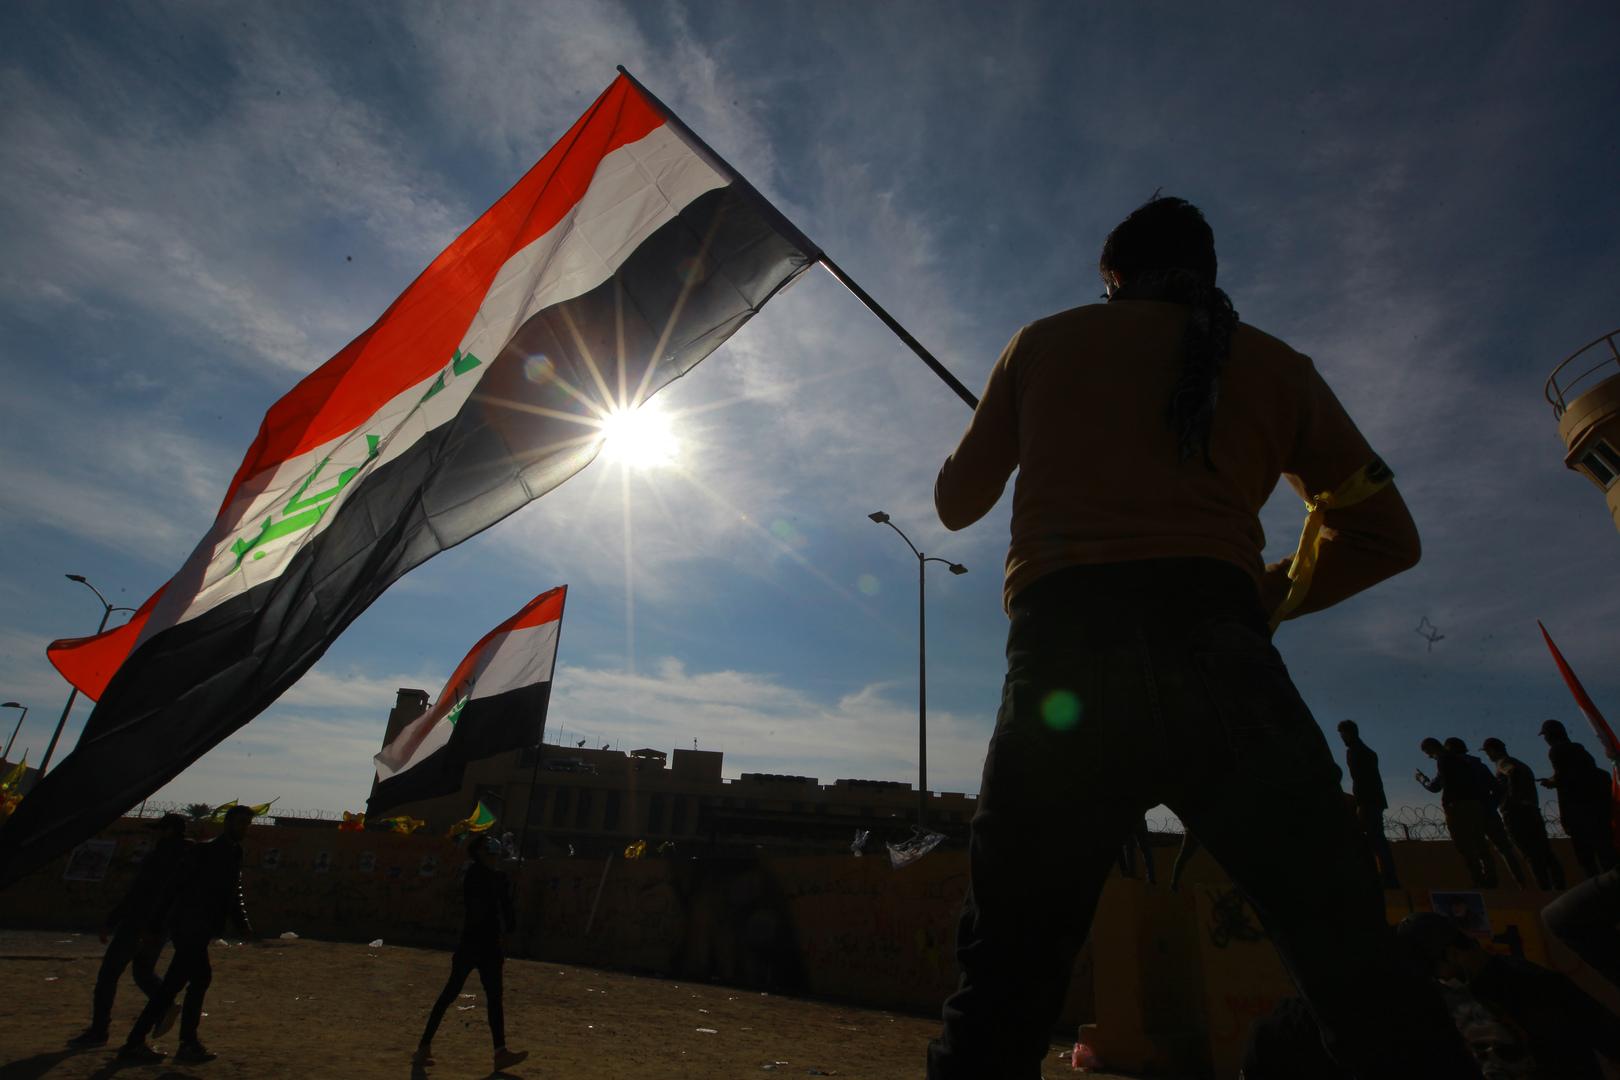 الحكومة العراقية تتوقع وصول عدد مواطنيها إلى 50 مليون بحلول عام 2030